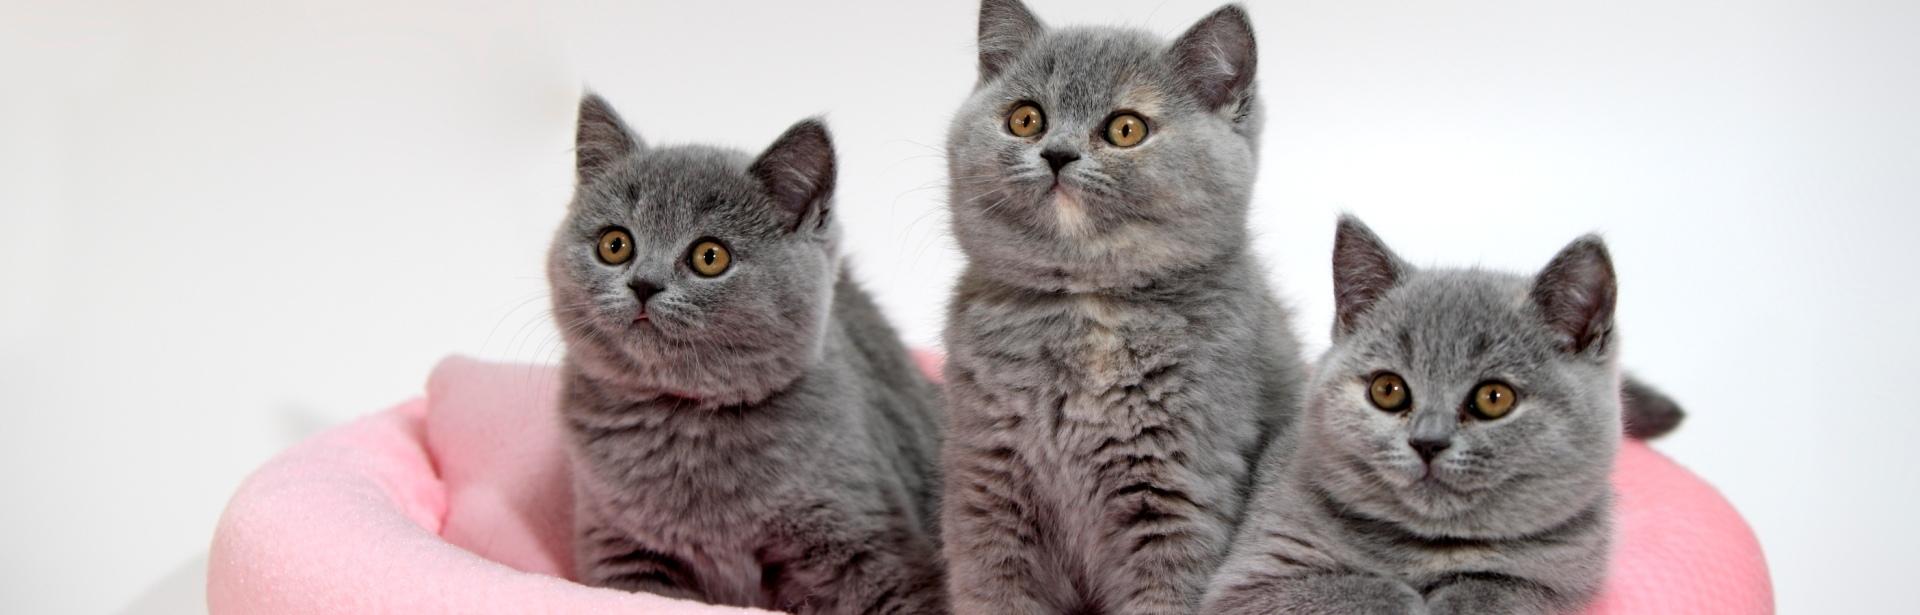 Top 20: cele mai adorabile pisicuțe din lume - Galerie Foto